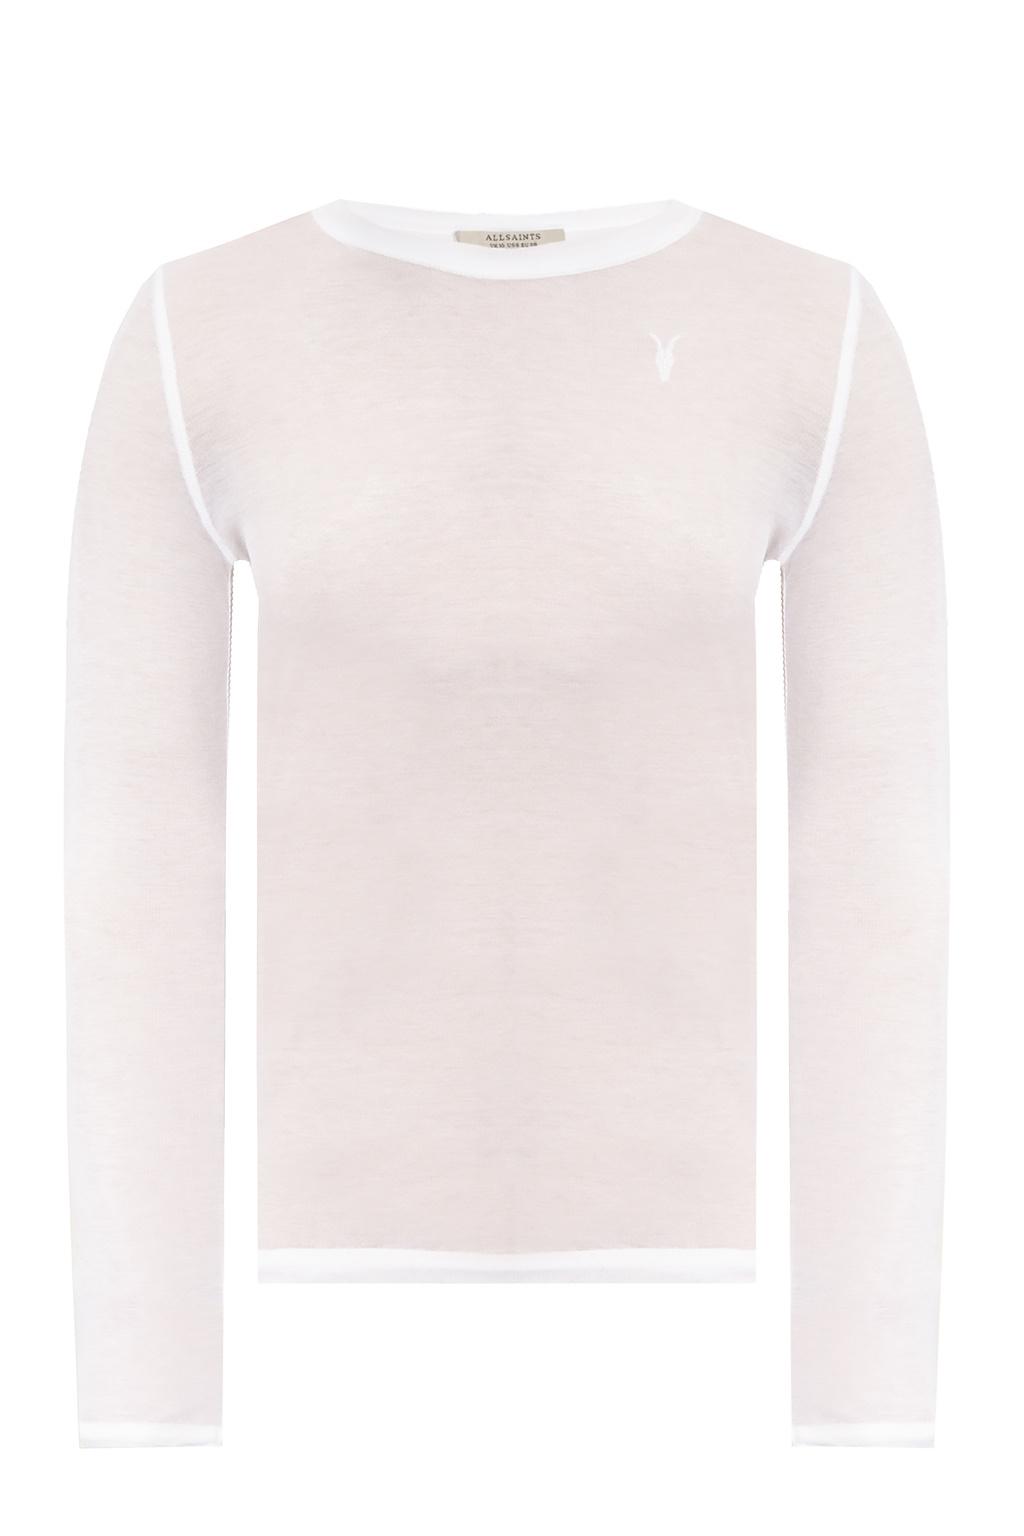 AllSaints 'Francesco' long-sleeved top